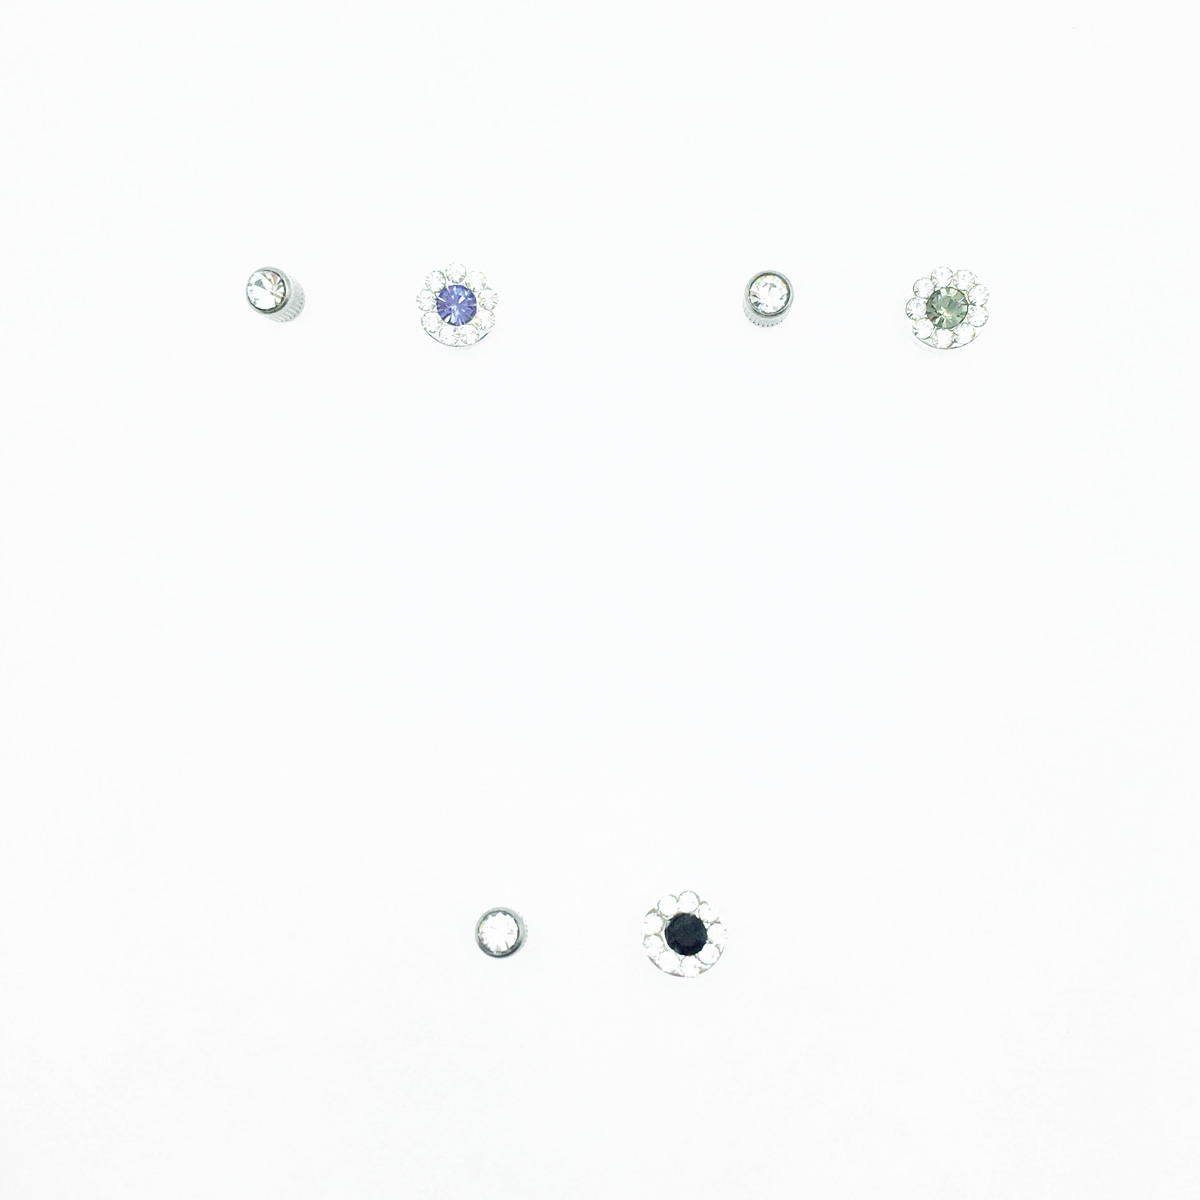 不鏽鋼 圓圈 包鑽 水鑽 切割面 基本款 後轉式耳環